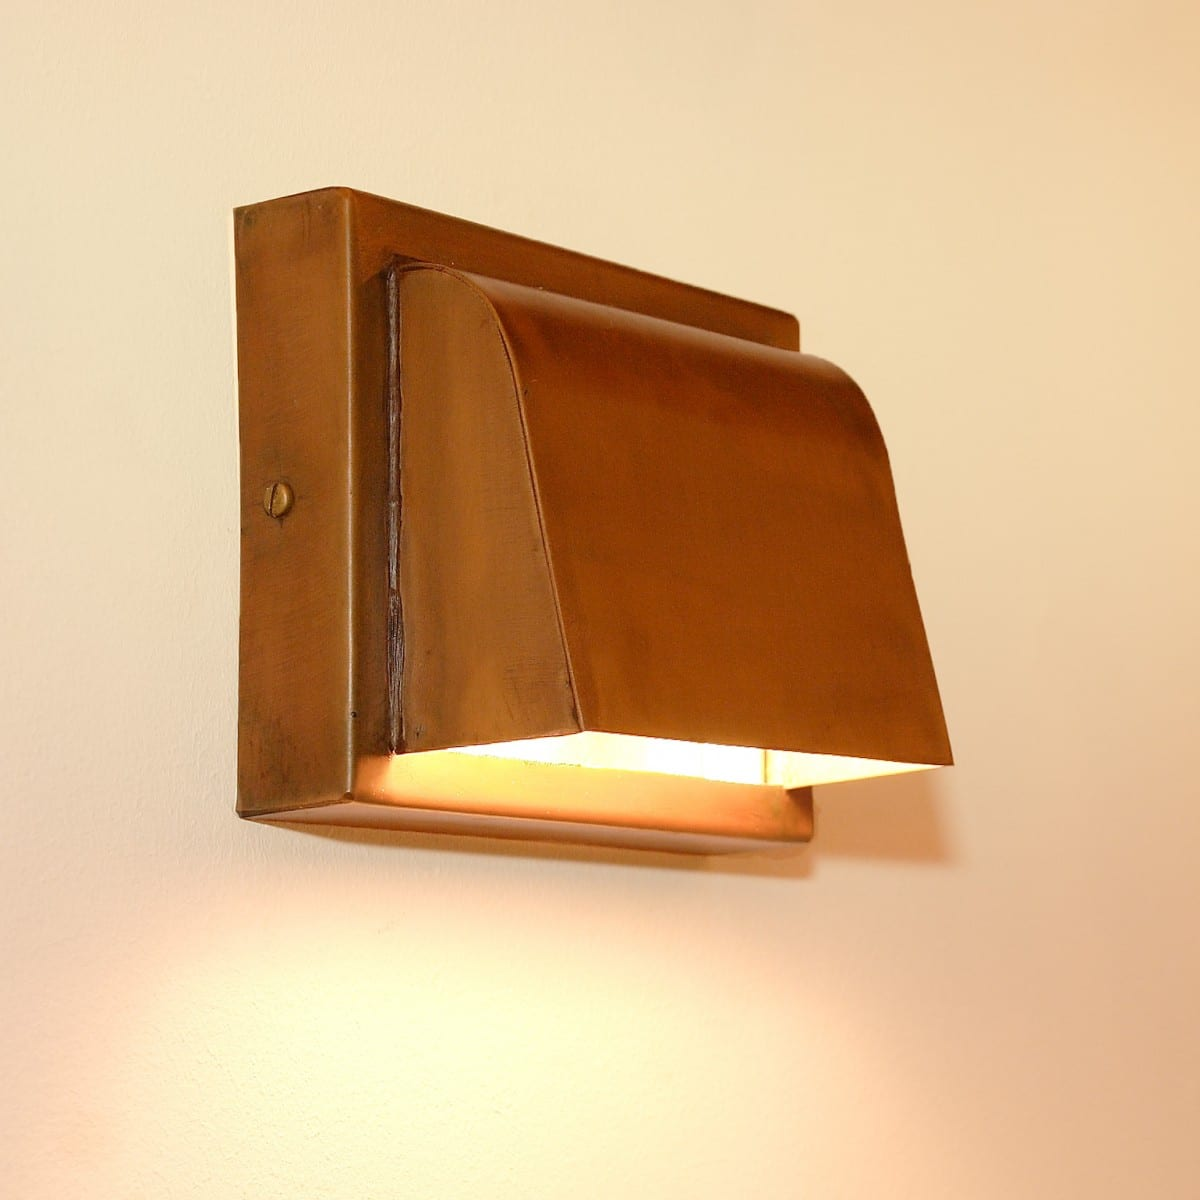 Tierlantijn verlichting 725 Pretori Landelijke koperen buitenlamp ...